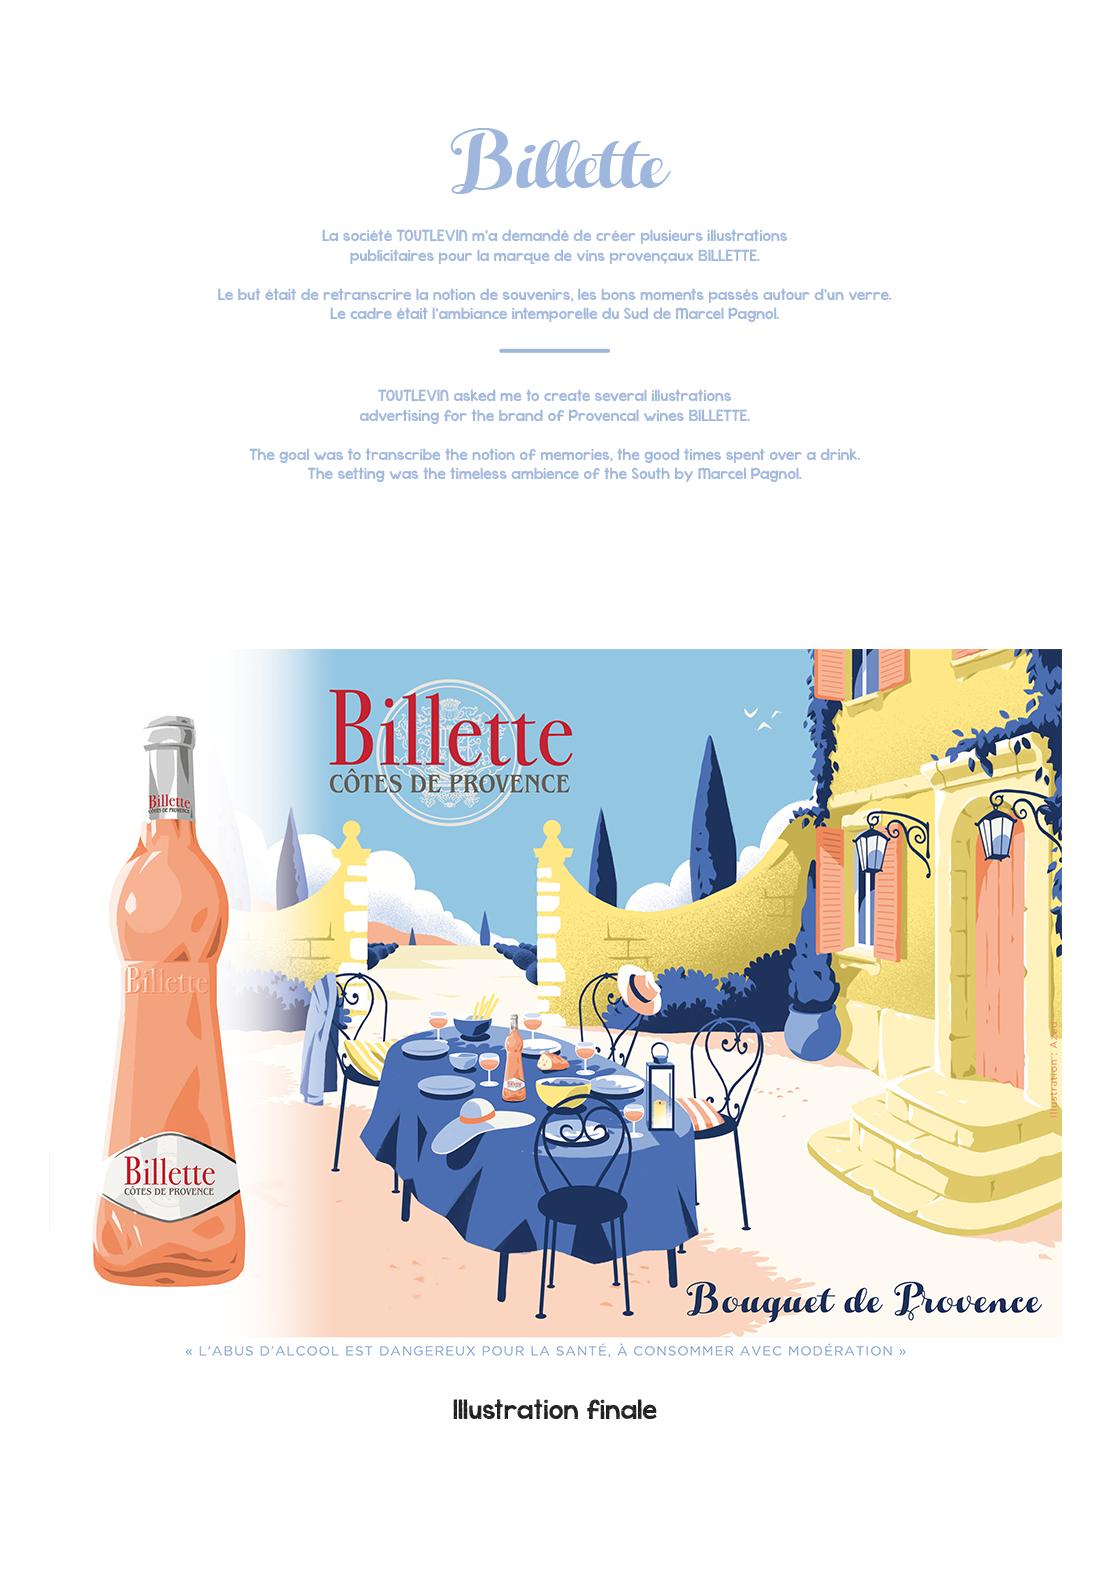 Affiche illustrée pour la marque Billette